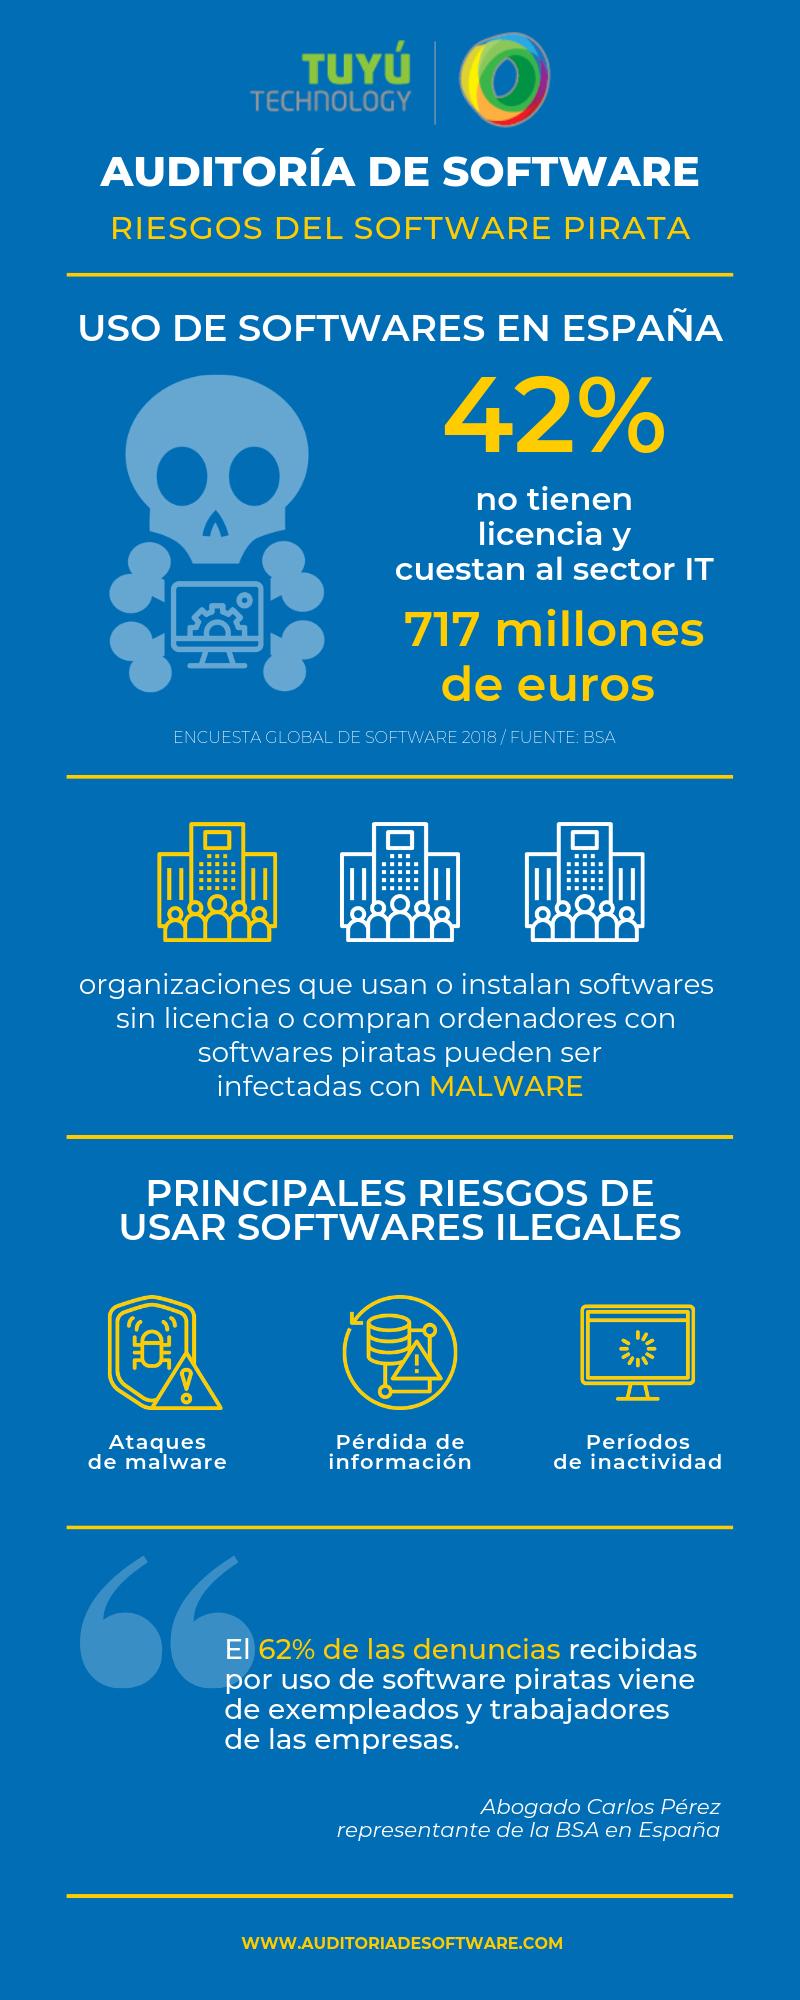 Auditoria de software riesgos malware